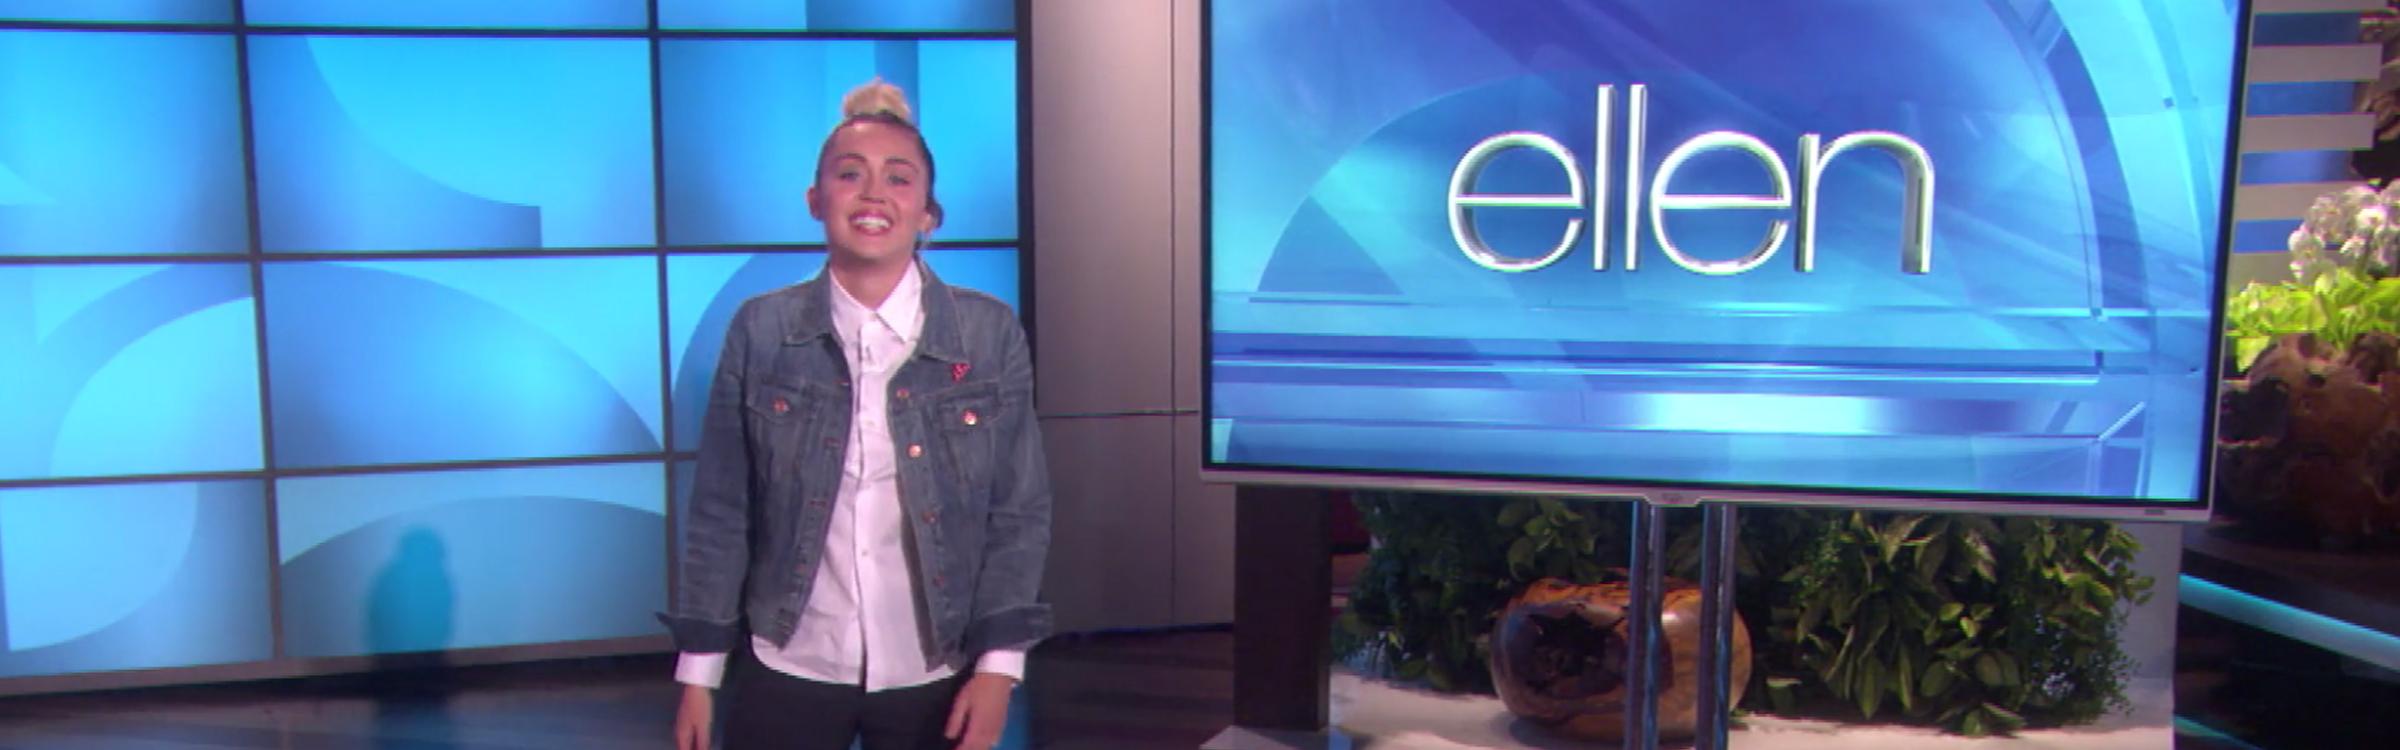 Miley ellen header